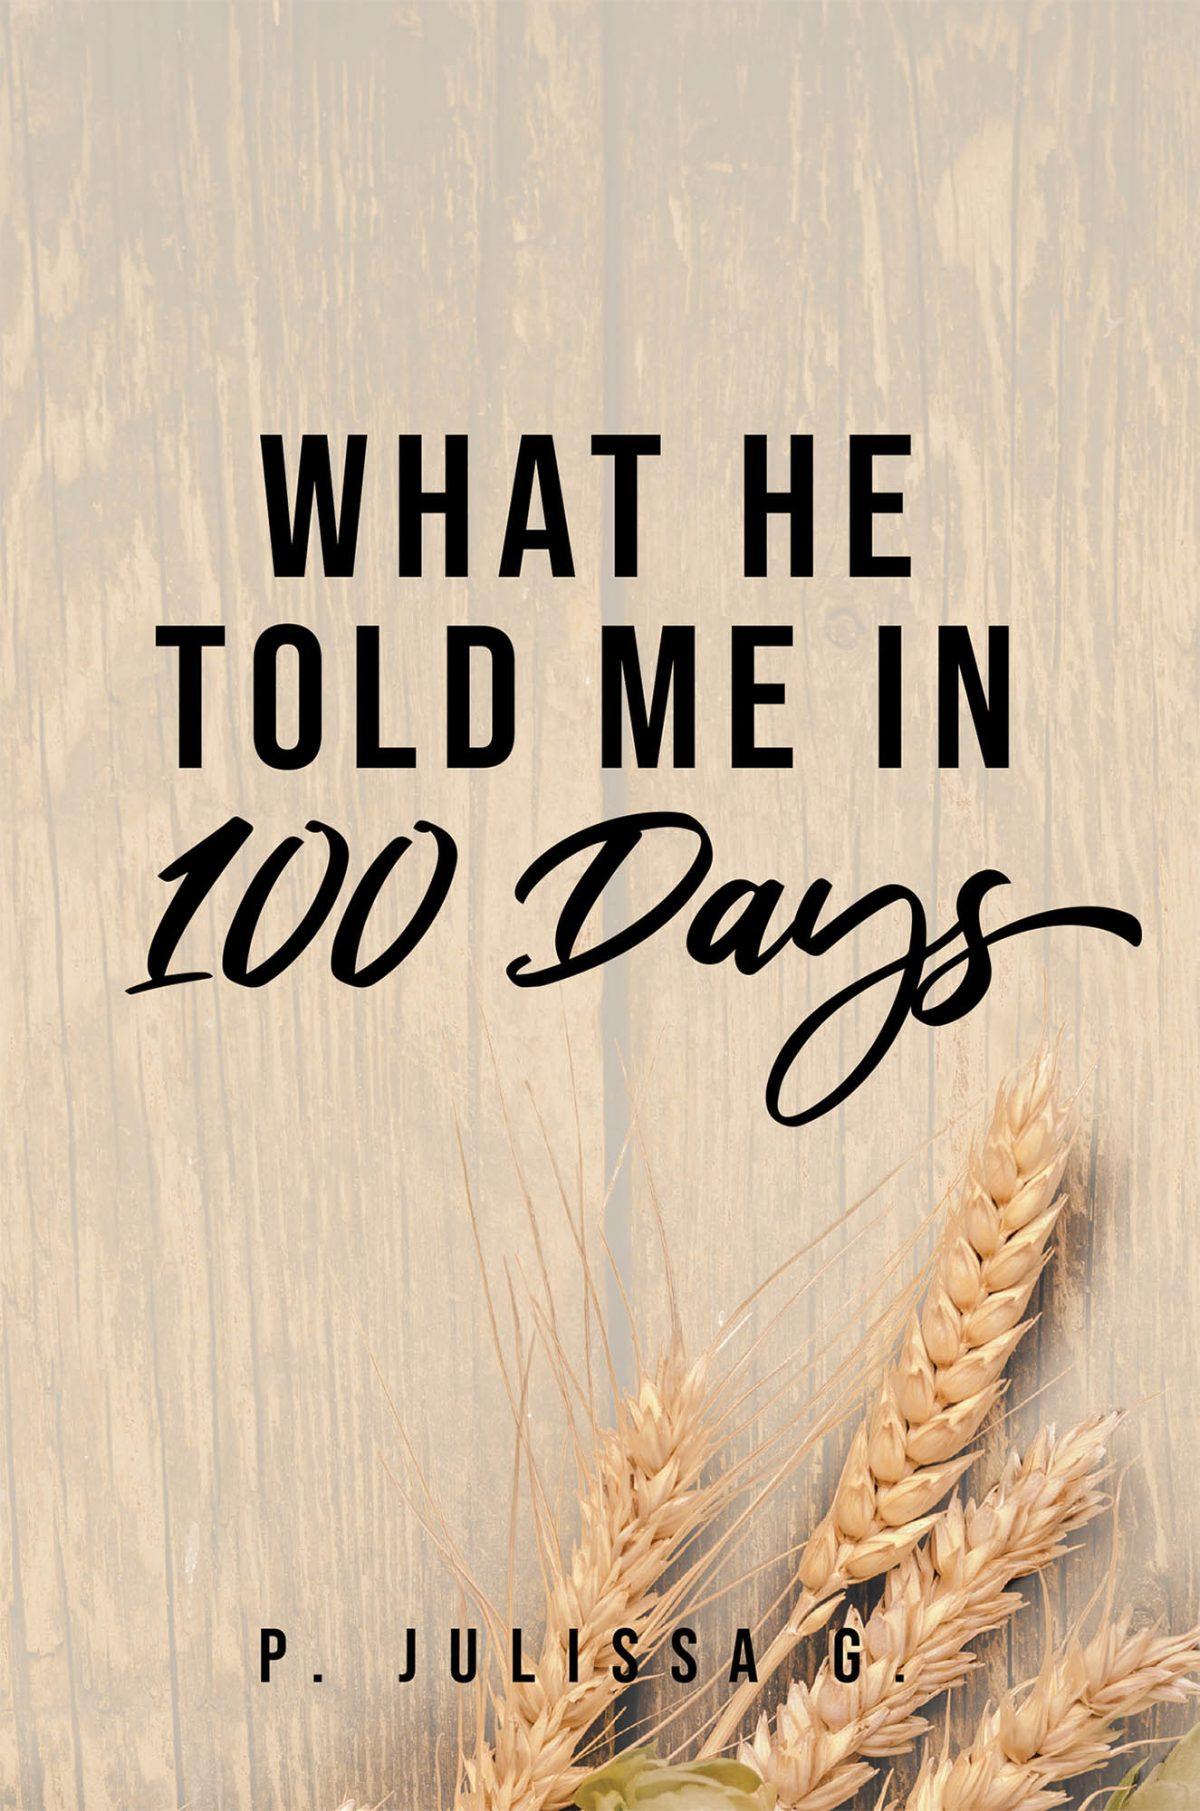 La más reciente obra publicada de la autora P. Julissa G., What He Told Me in 100 Days, muestra un compendio de mensajes donde el clamor a Dios nos muestra el camino a la redención.